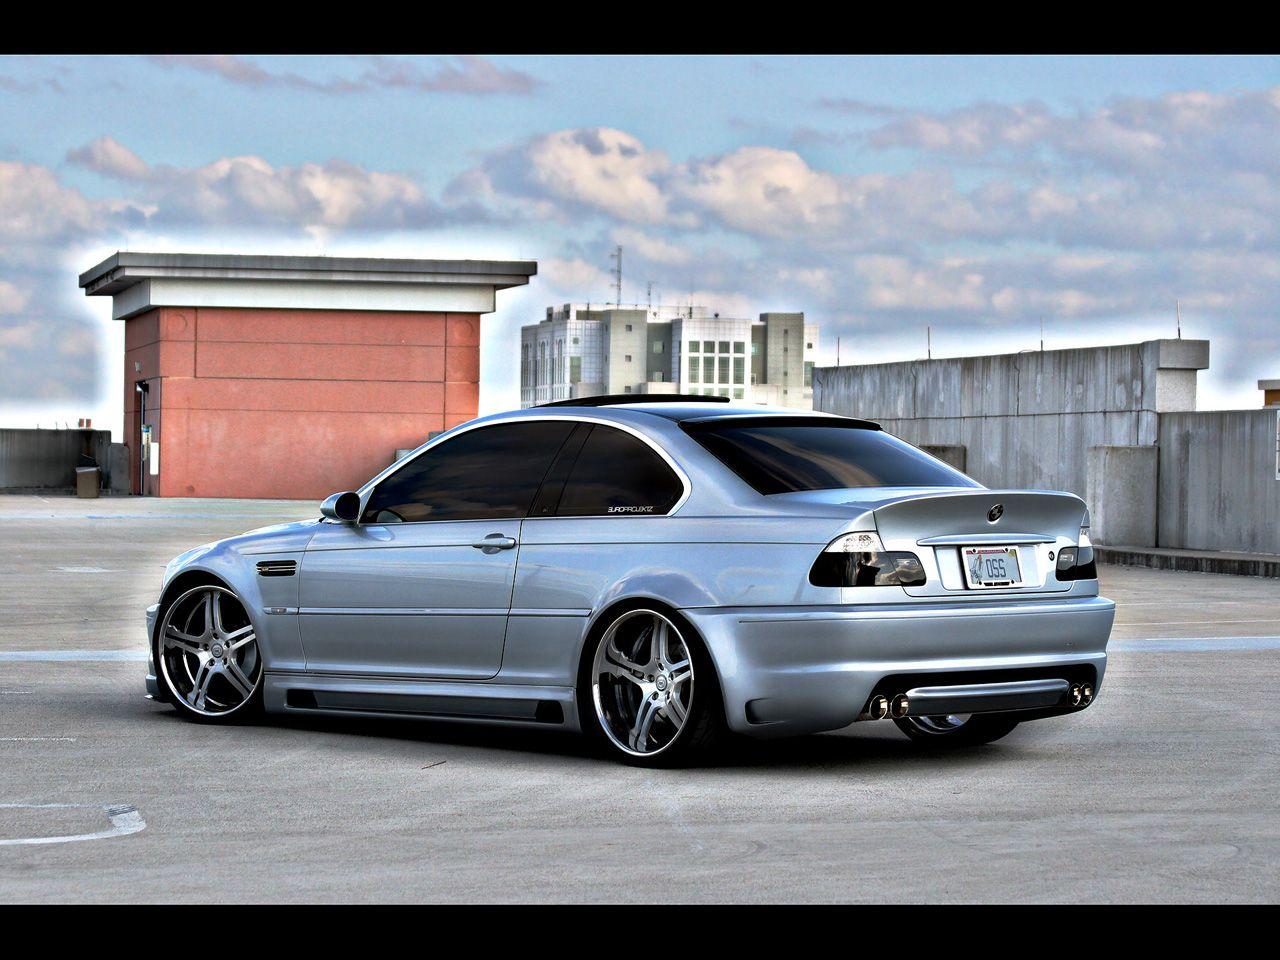 BMW 325 Ci Sports | BMW | Pinterest | Bmw 325, BMW and Cars